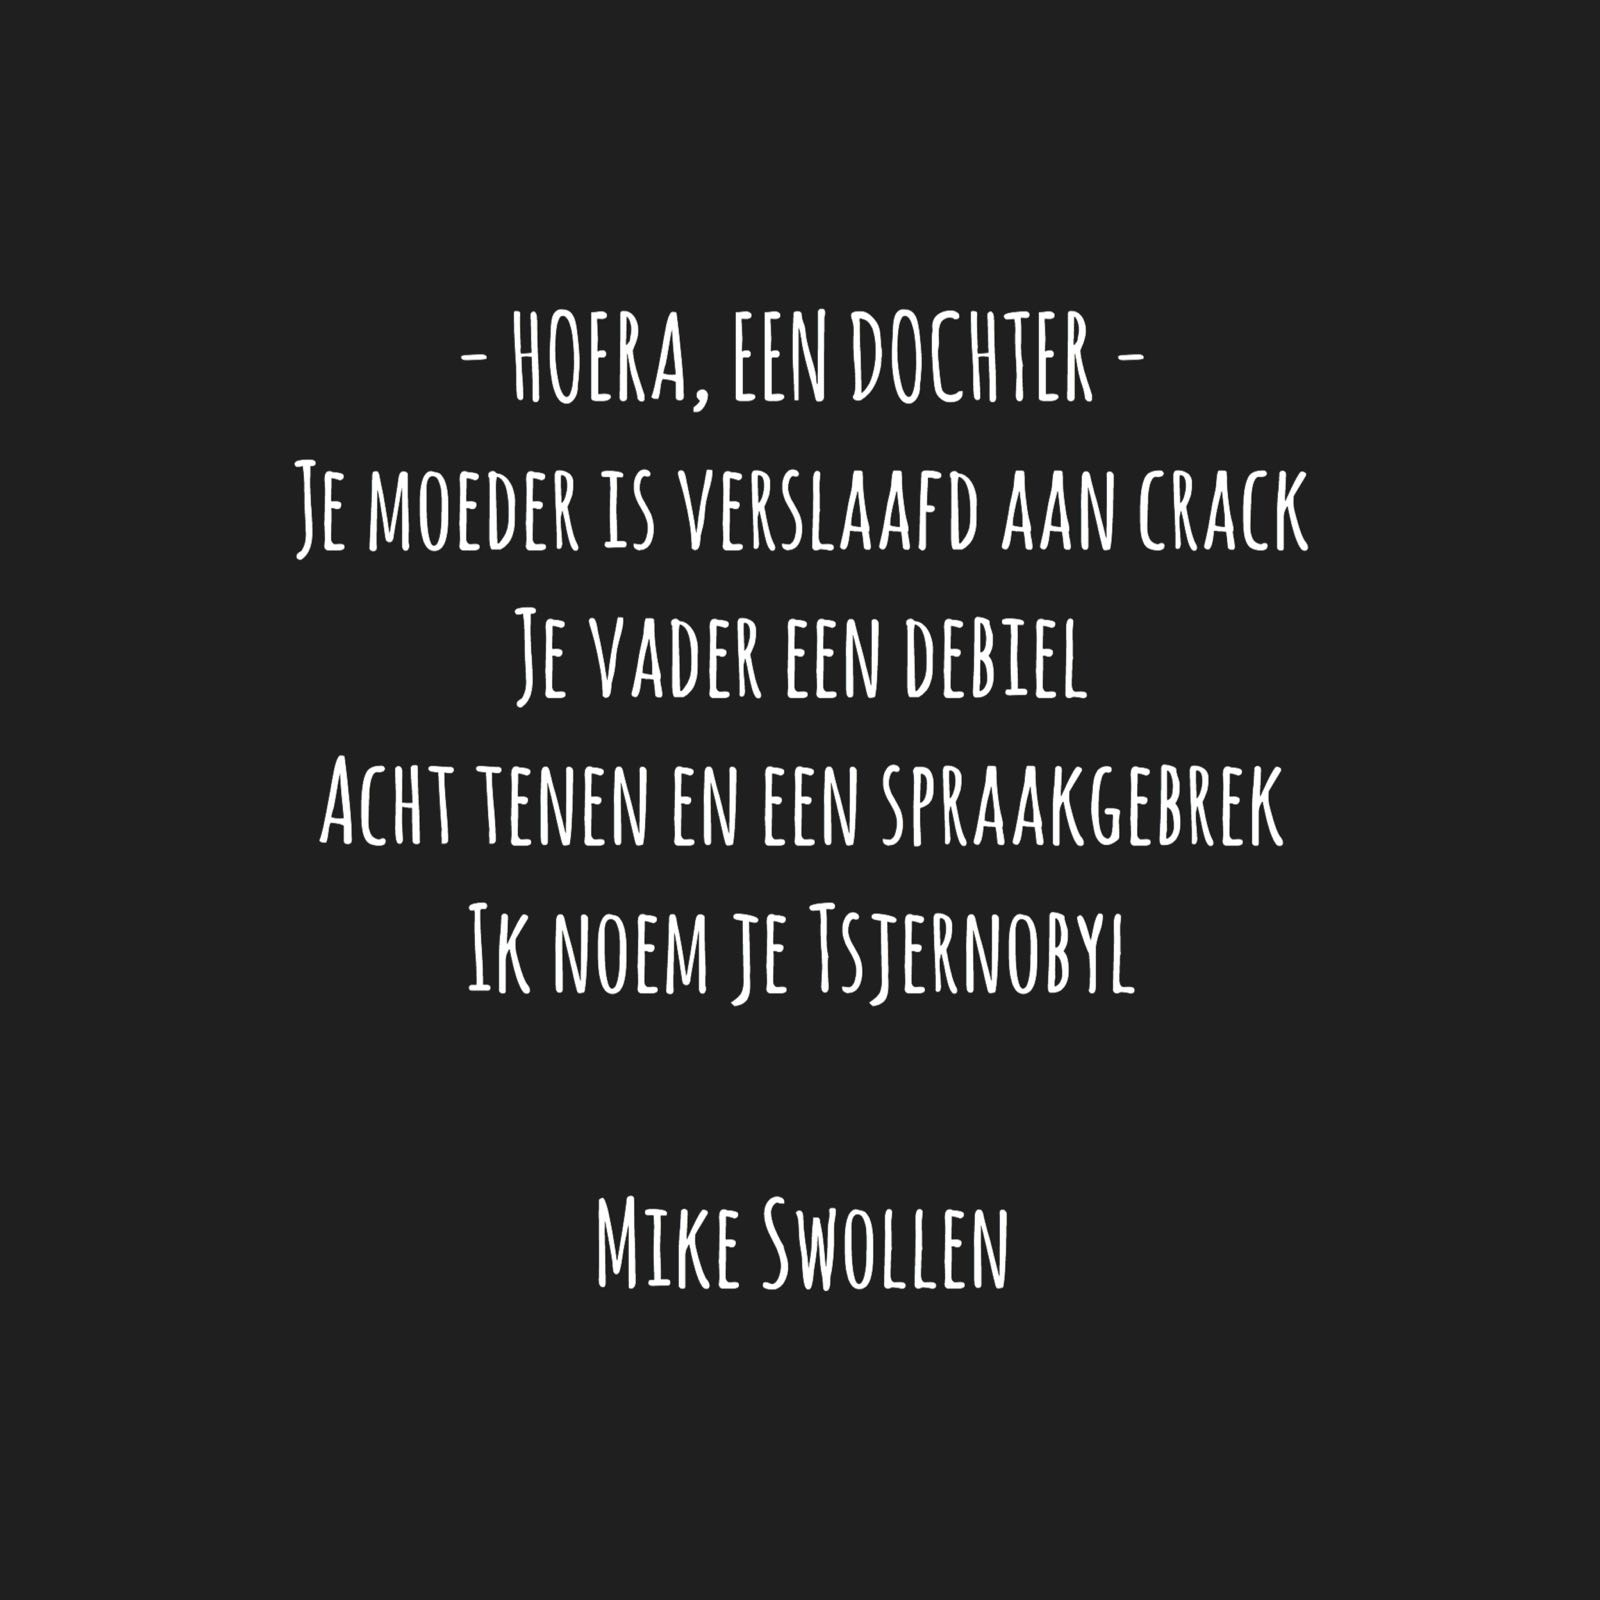 Voorkeur FOK.nl / Weblog / Gedicht van de dag: Hoera, een dochter @WY48